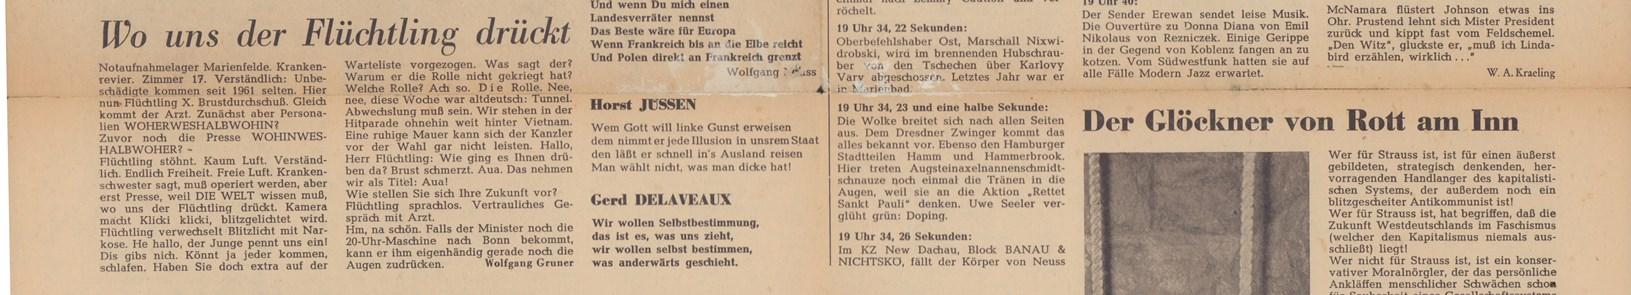 Neuss_Deutschland019